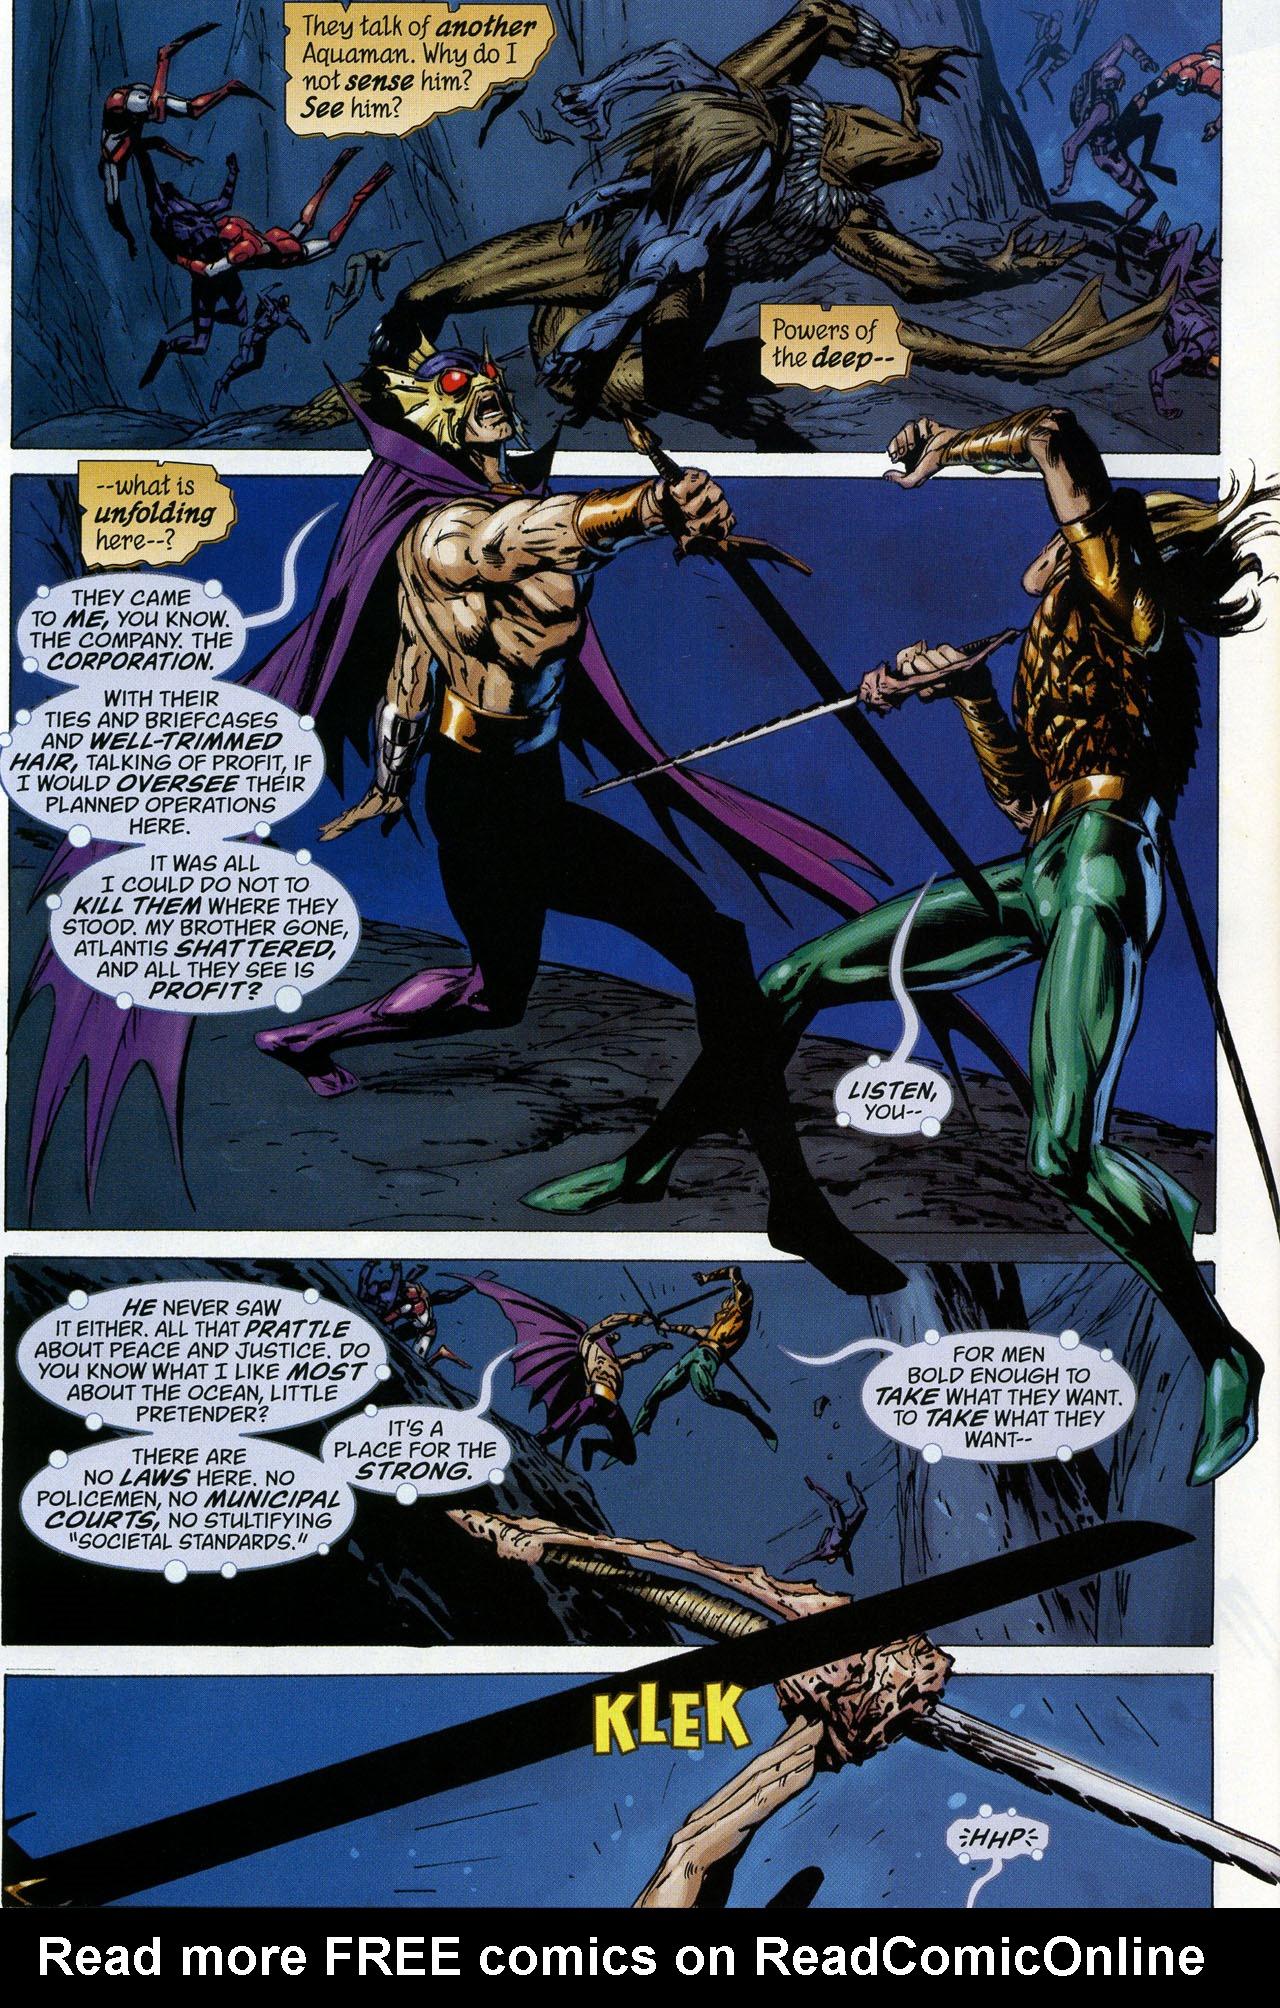 Read online Aquaman: Sword of Atlantis comic -  Issue #44 - 21